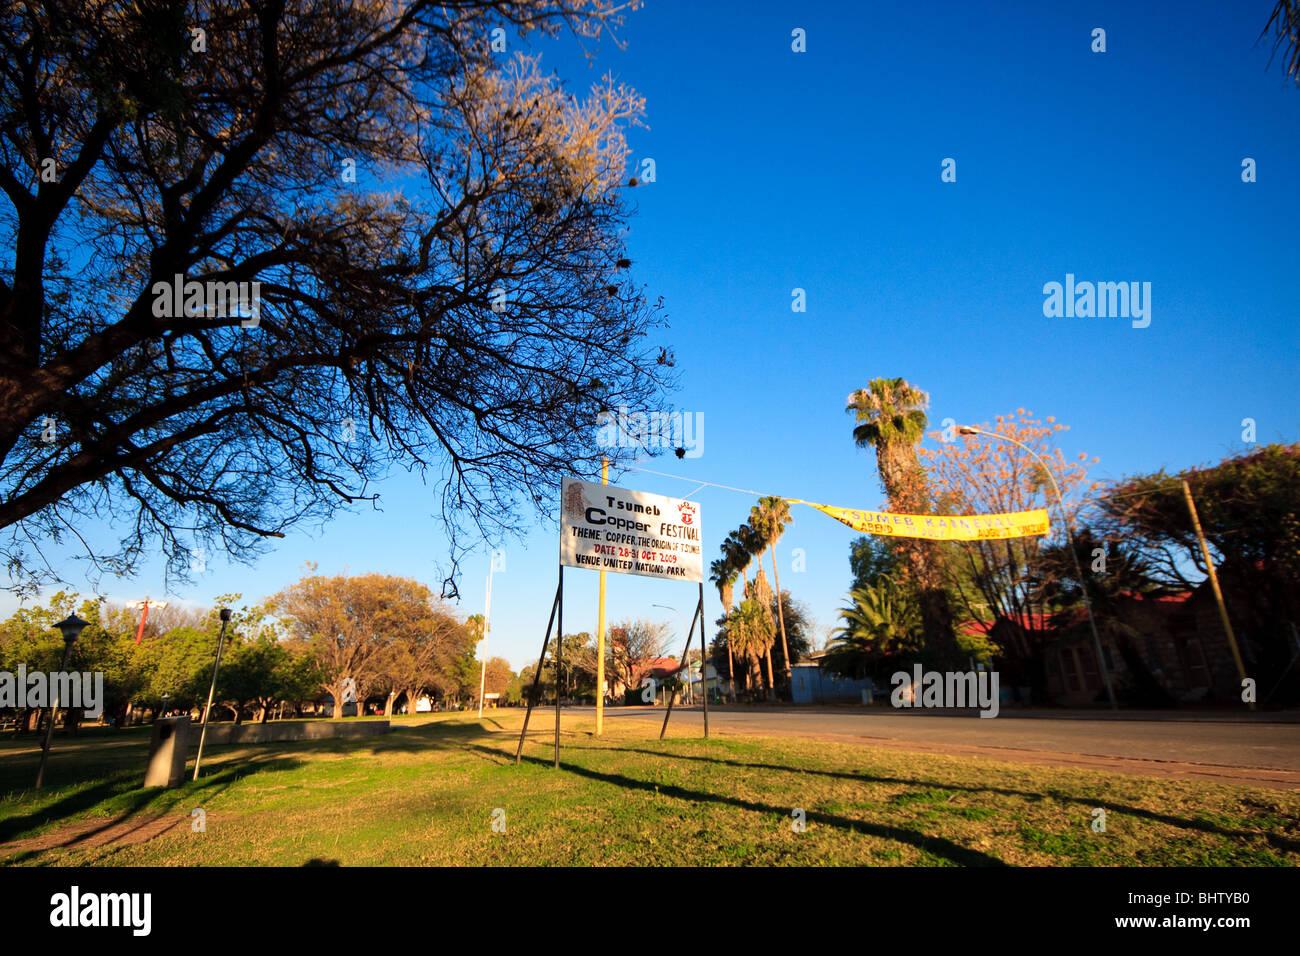 Blauer Himmel Namibia Street Tsumeb in Afrika Stockbild